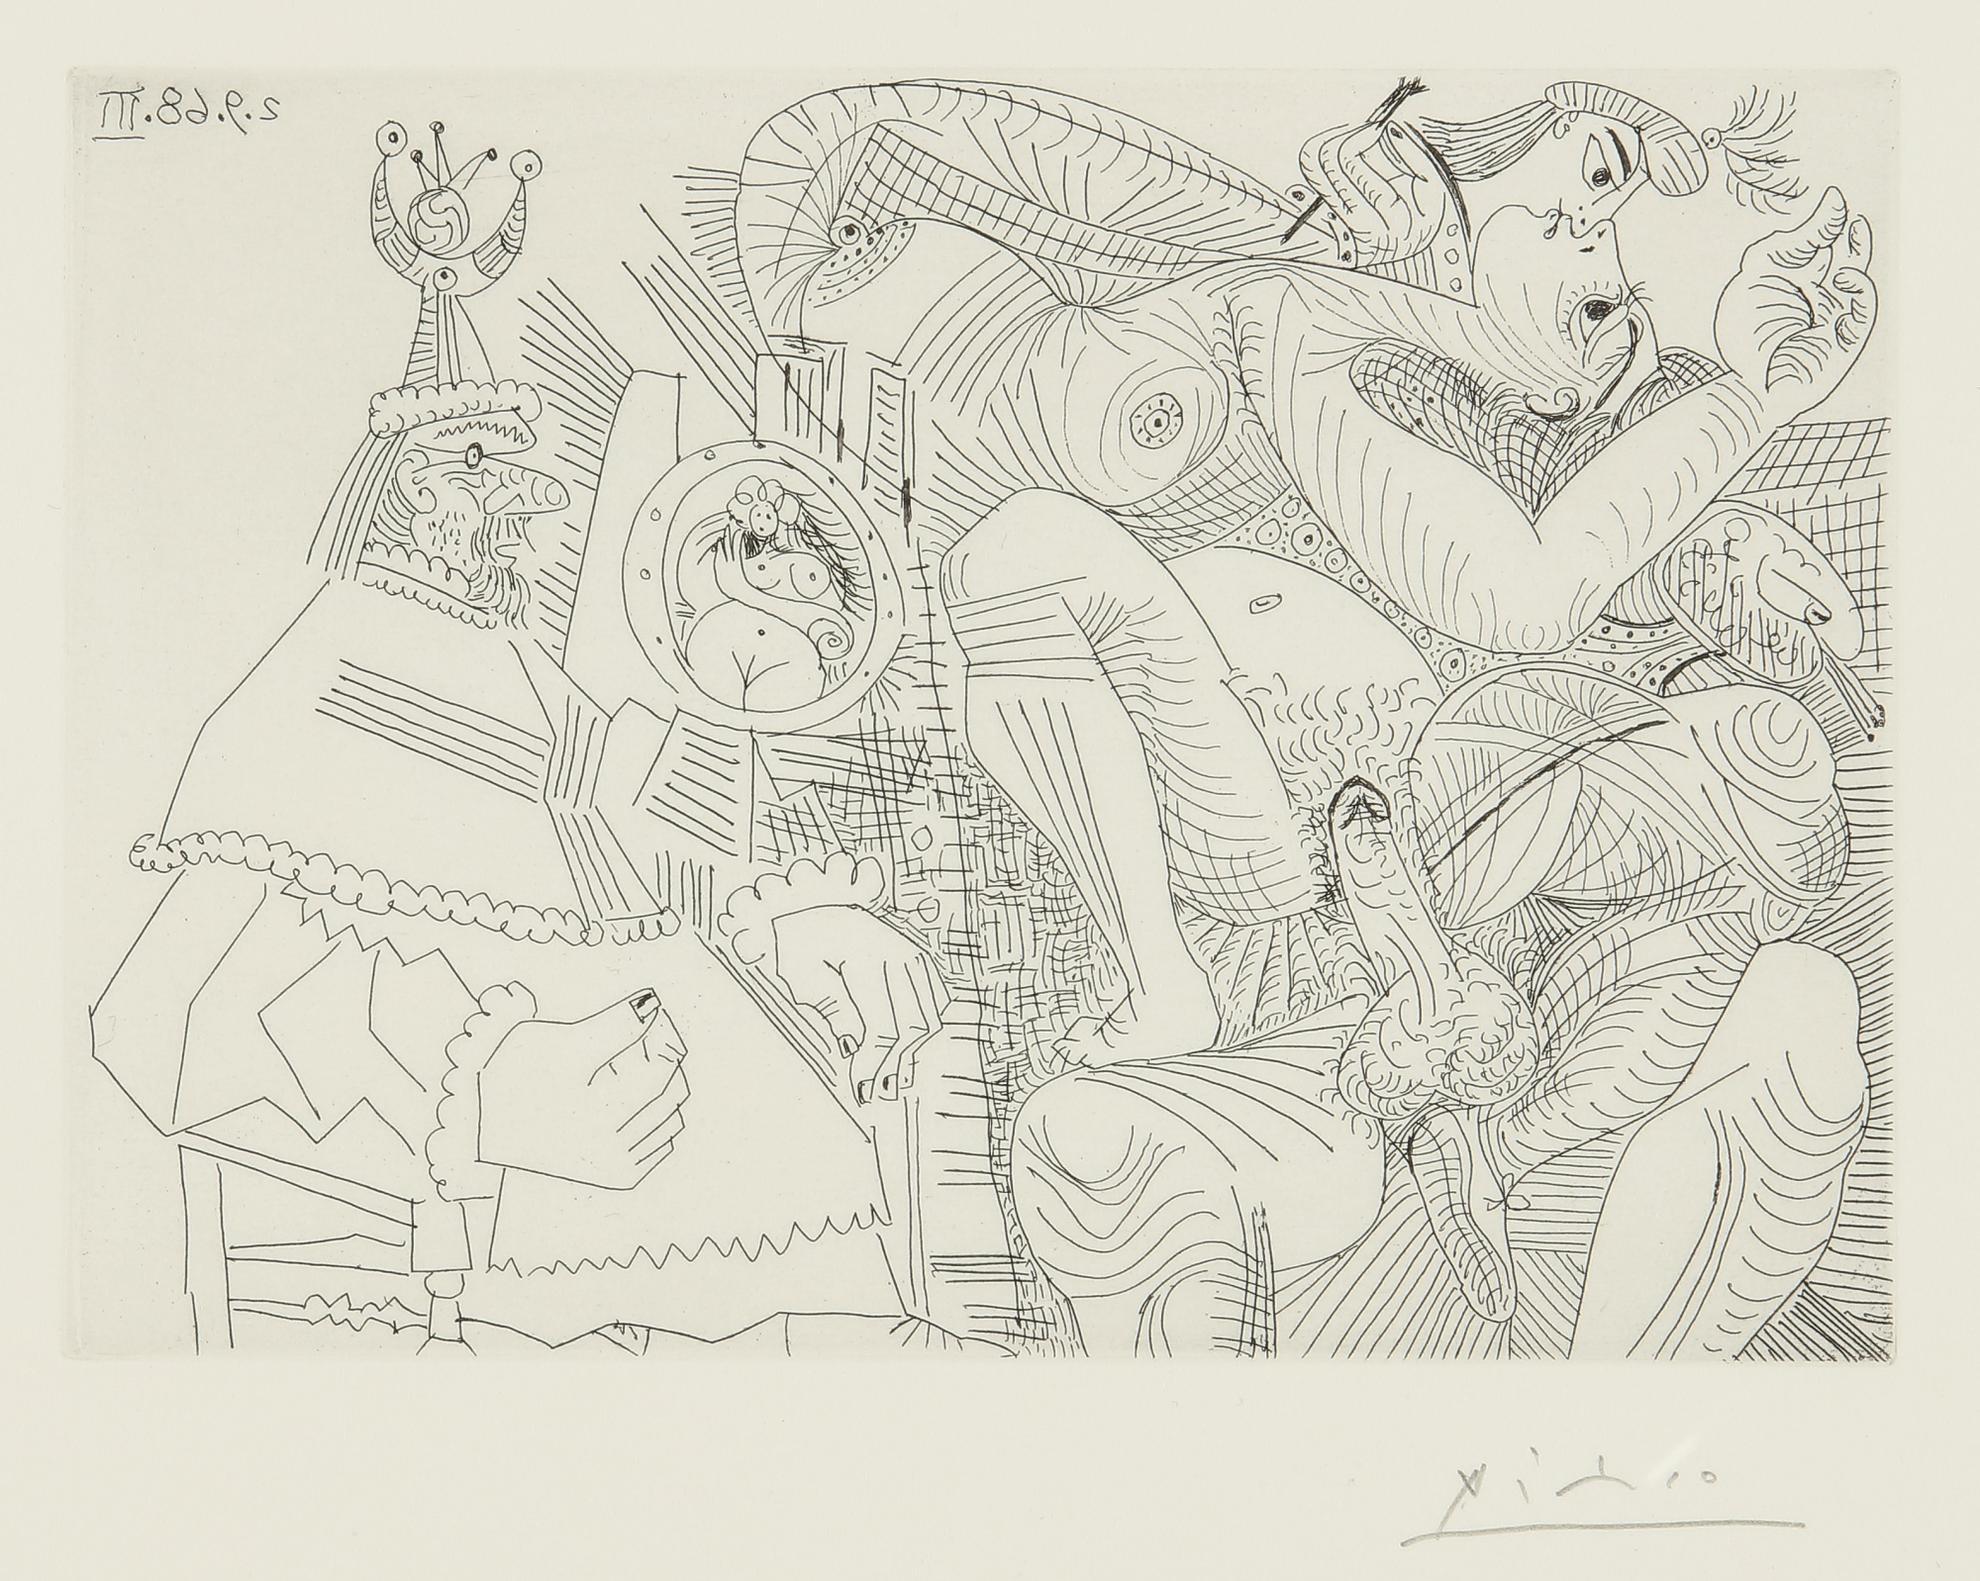 Pablo Picasso-Raphael Et La Fornarina. Xii: Le Pape Est Bouche Bee Dans Son Fauteuil (B. 1787; Ba. 1804)-1968